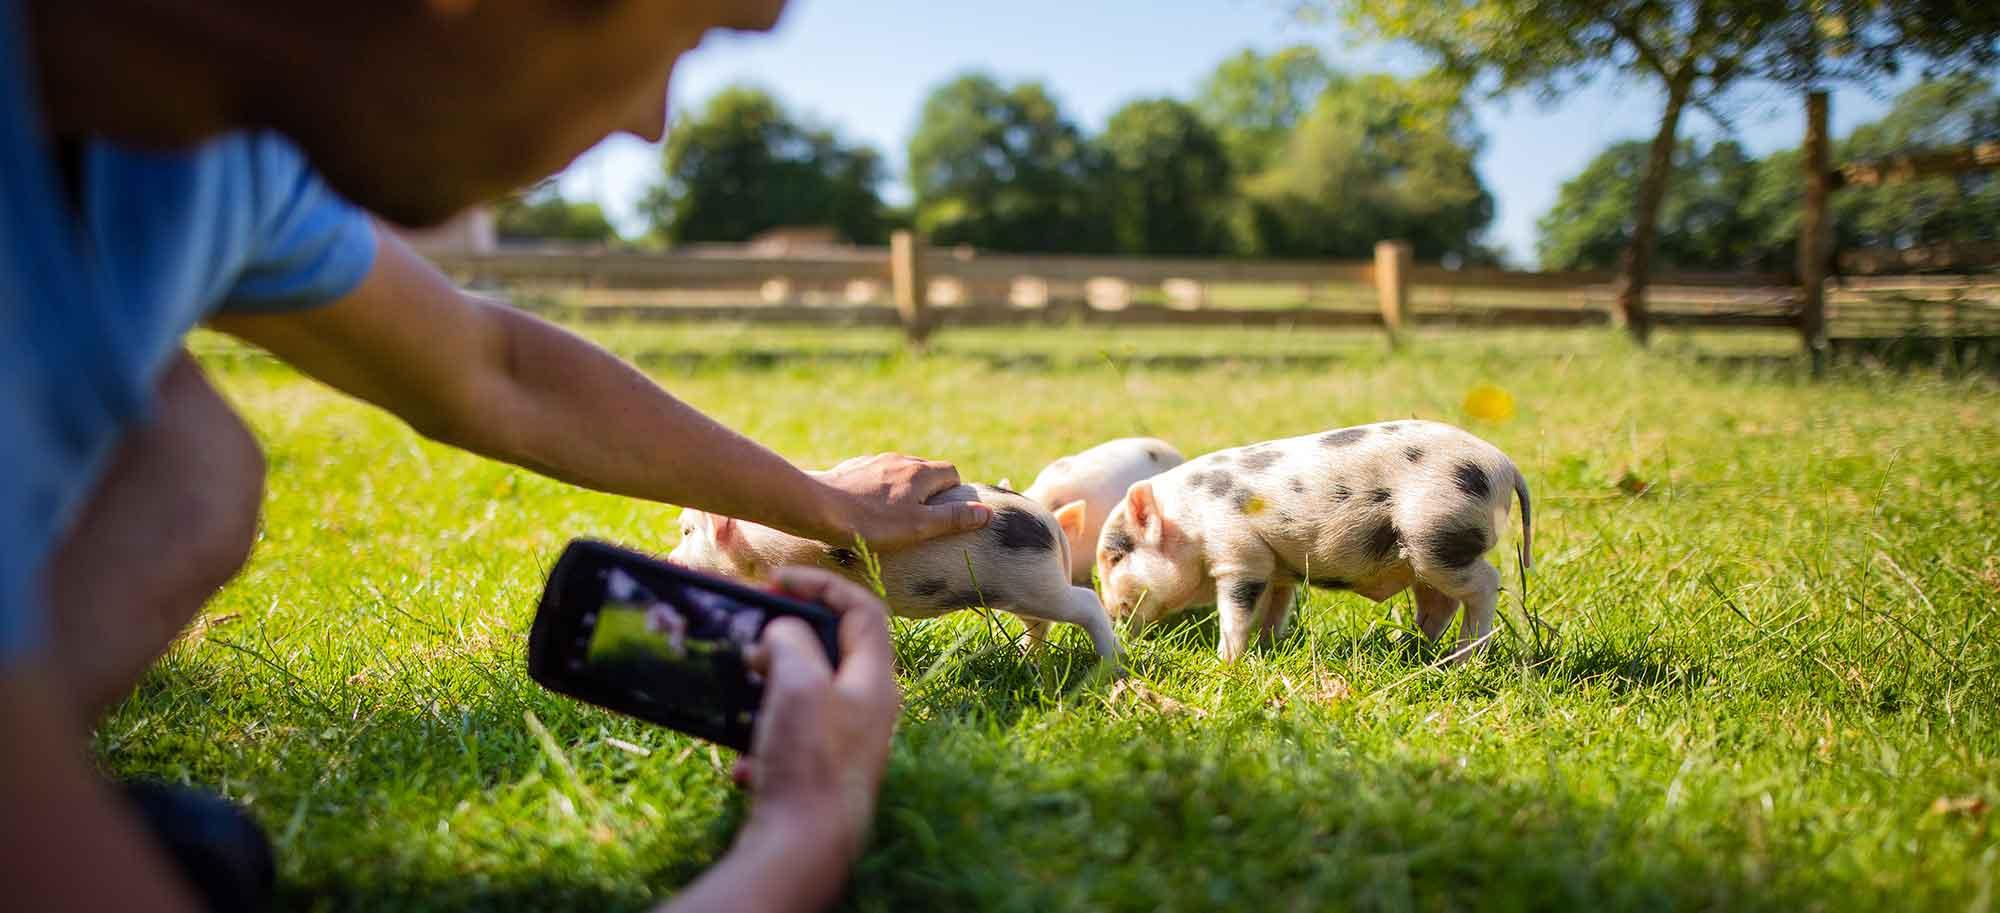 Animation scolaire visite virtuelle refuge pour animaux